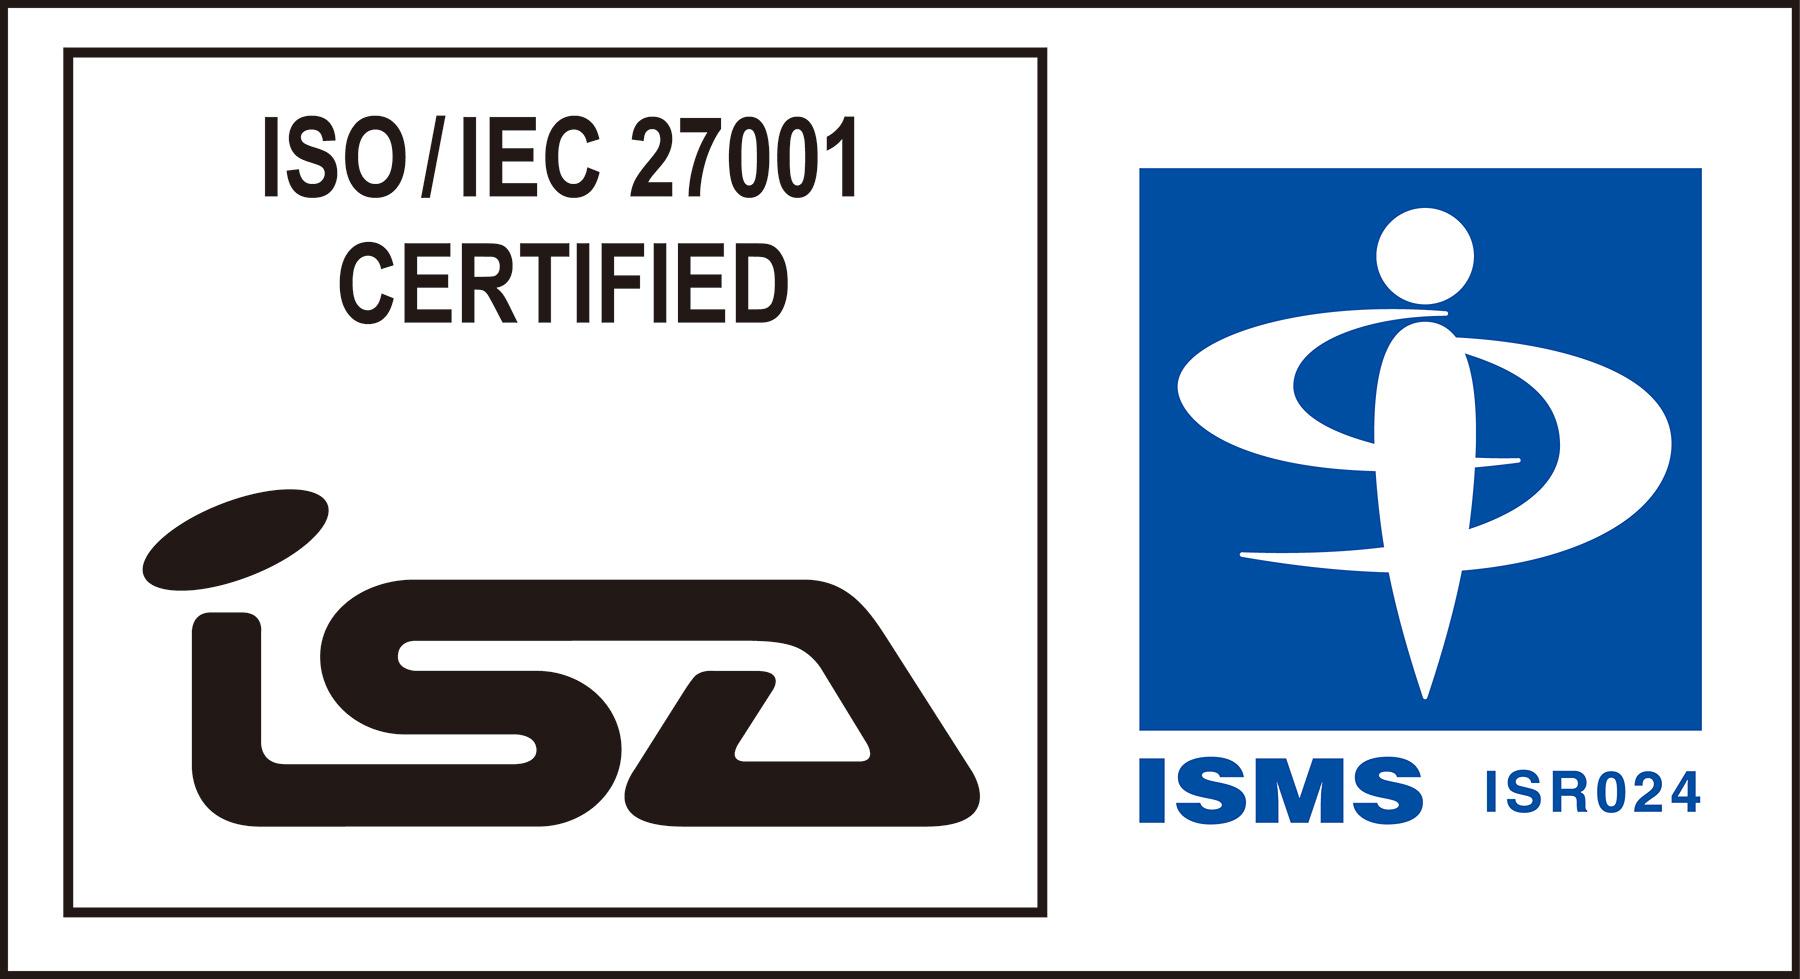 情報セキュリティマネジメントシステム ISMS